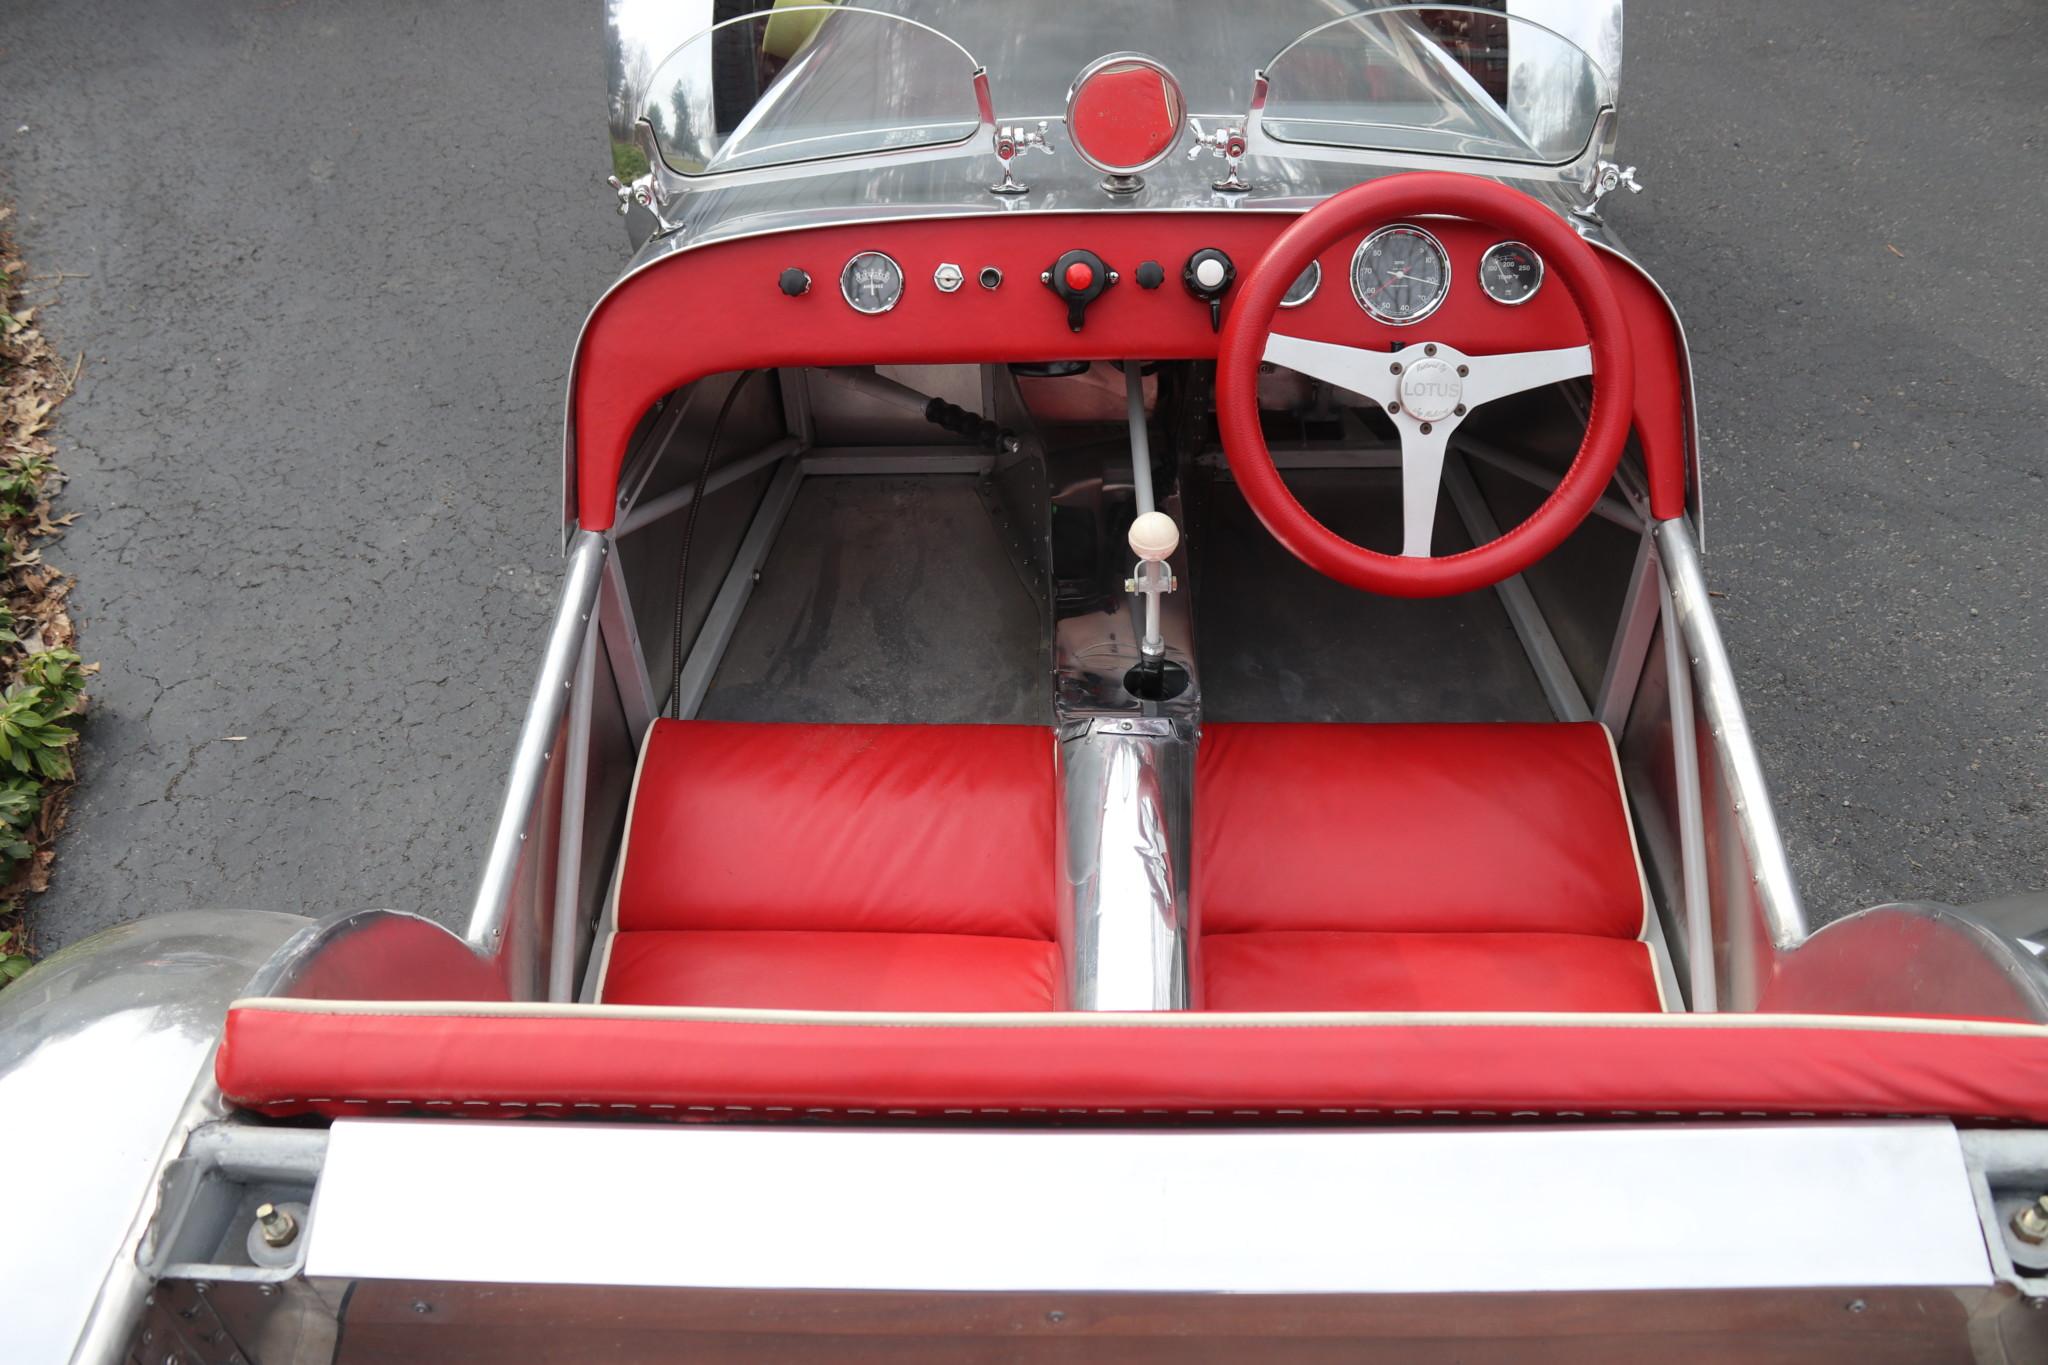 1958 Lotus Seven S1 cockpit